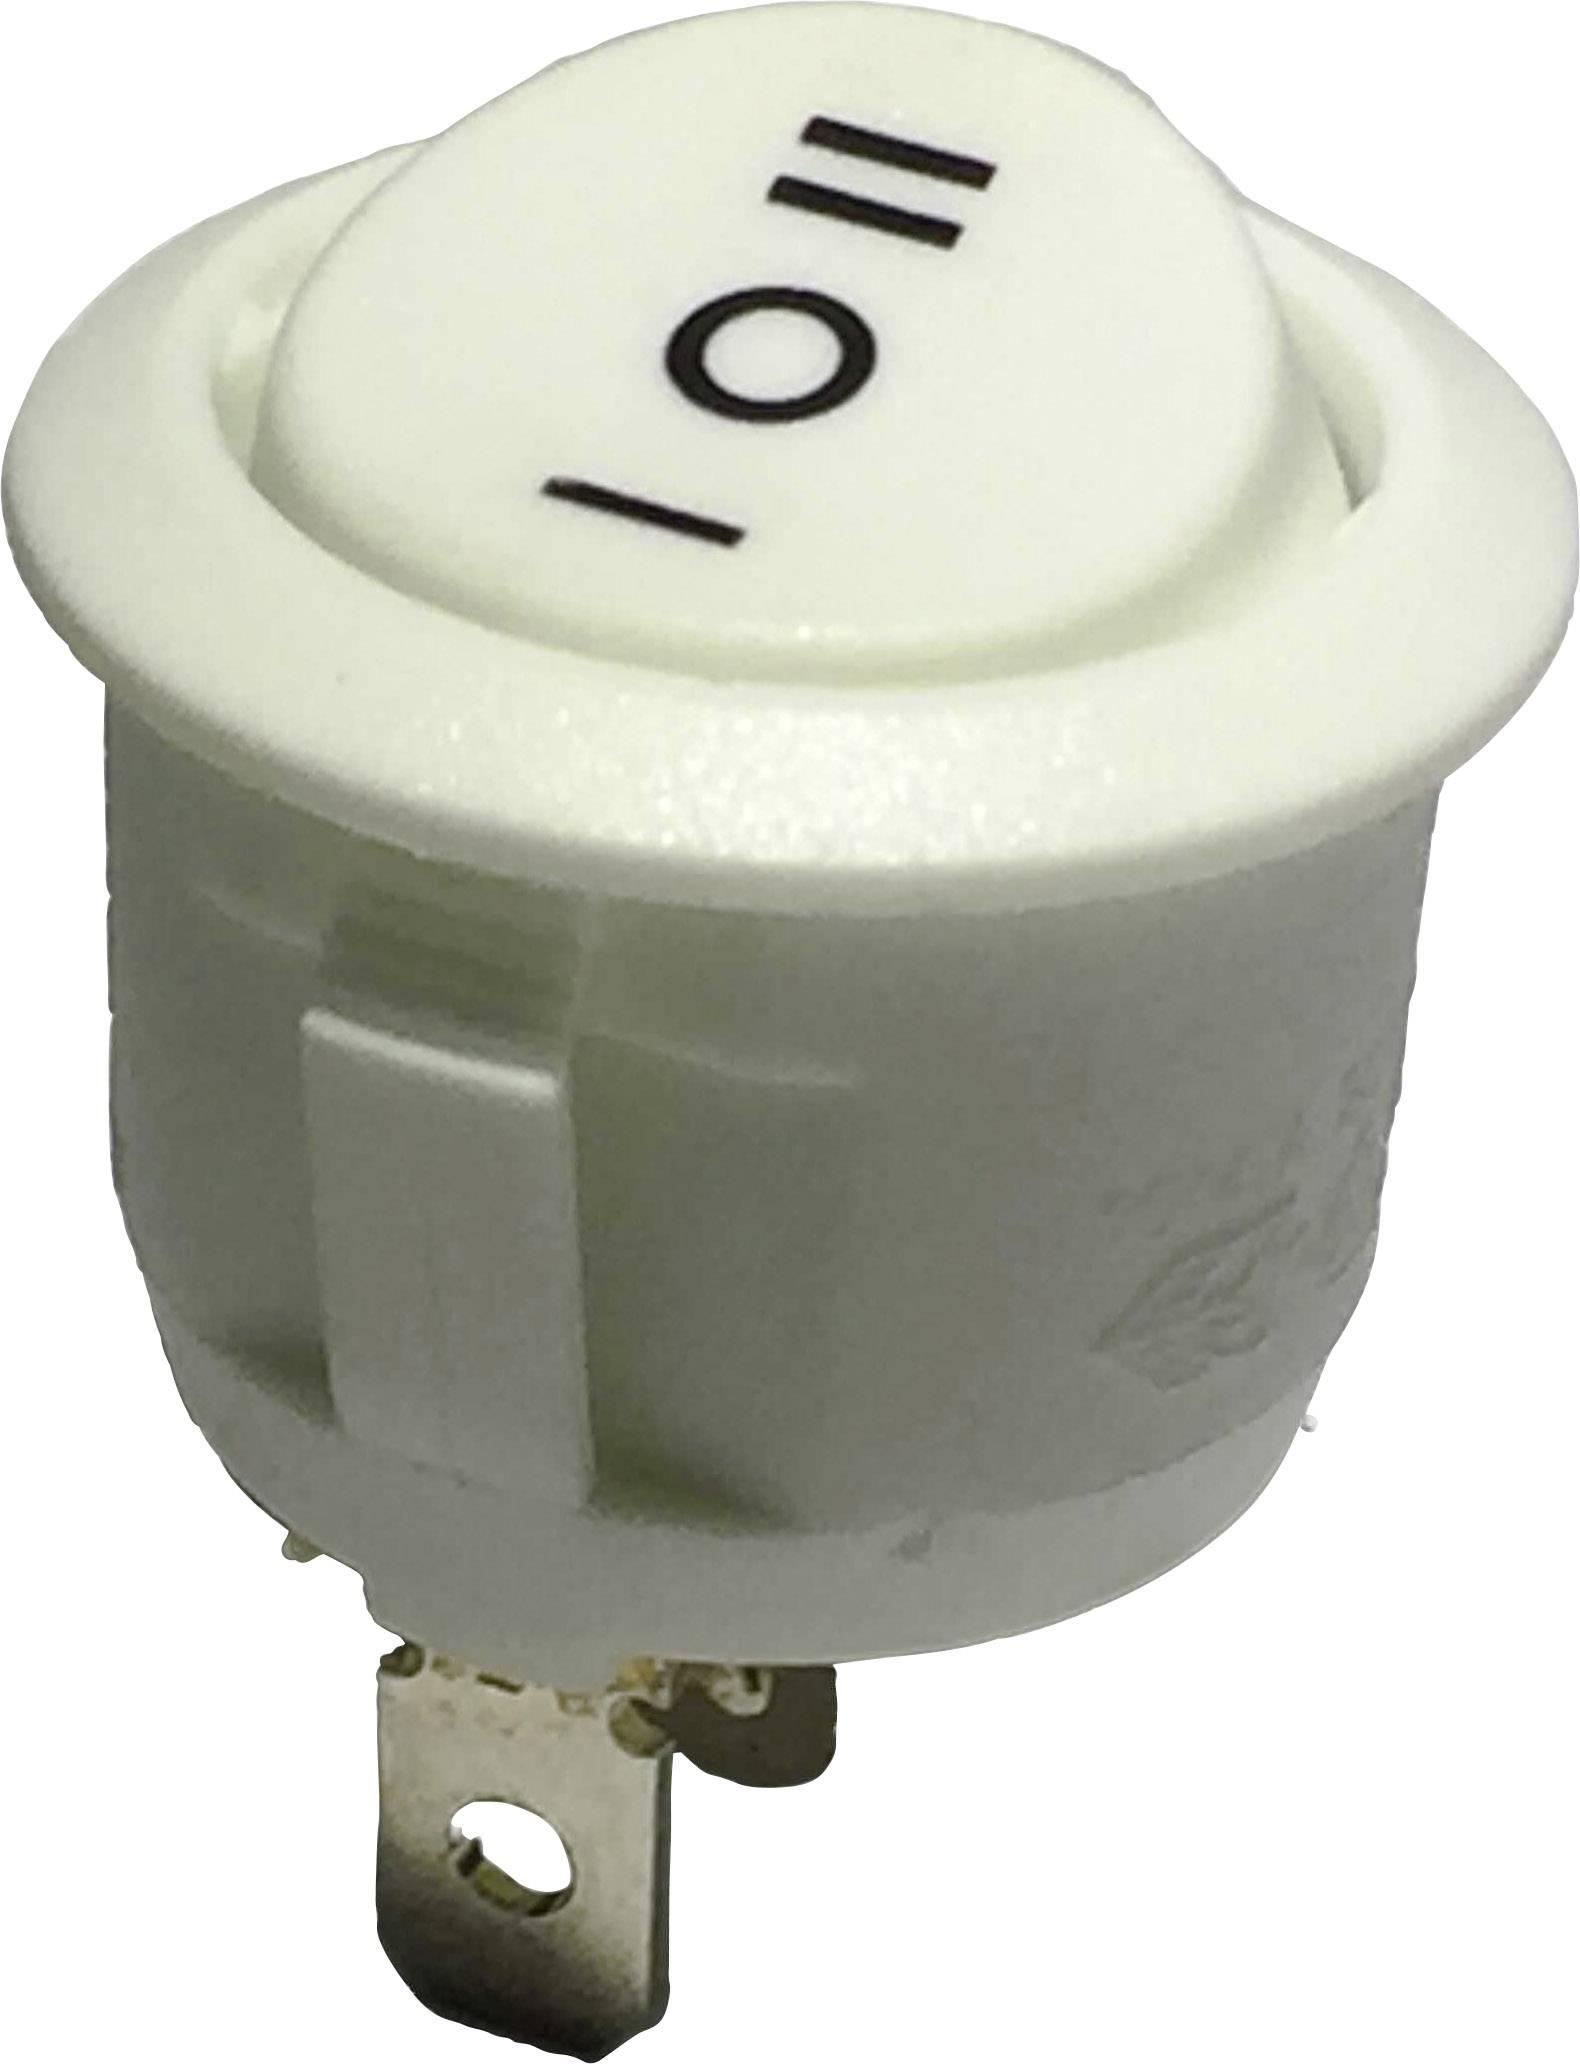 Kolískový spínač s aretáciou/0/s aretáciou TRU COMPONENTS R13-112D W/W PR.I-O-II, 250 V/AC, 6 A, 1x zap/vyp/zap, 1 ks